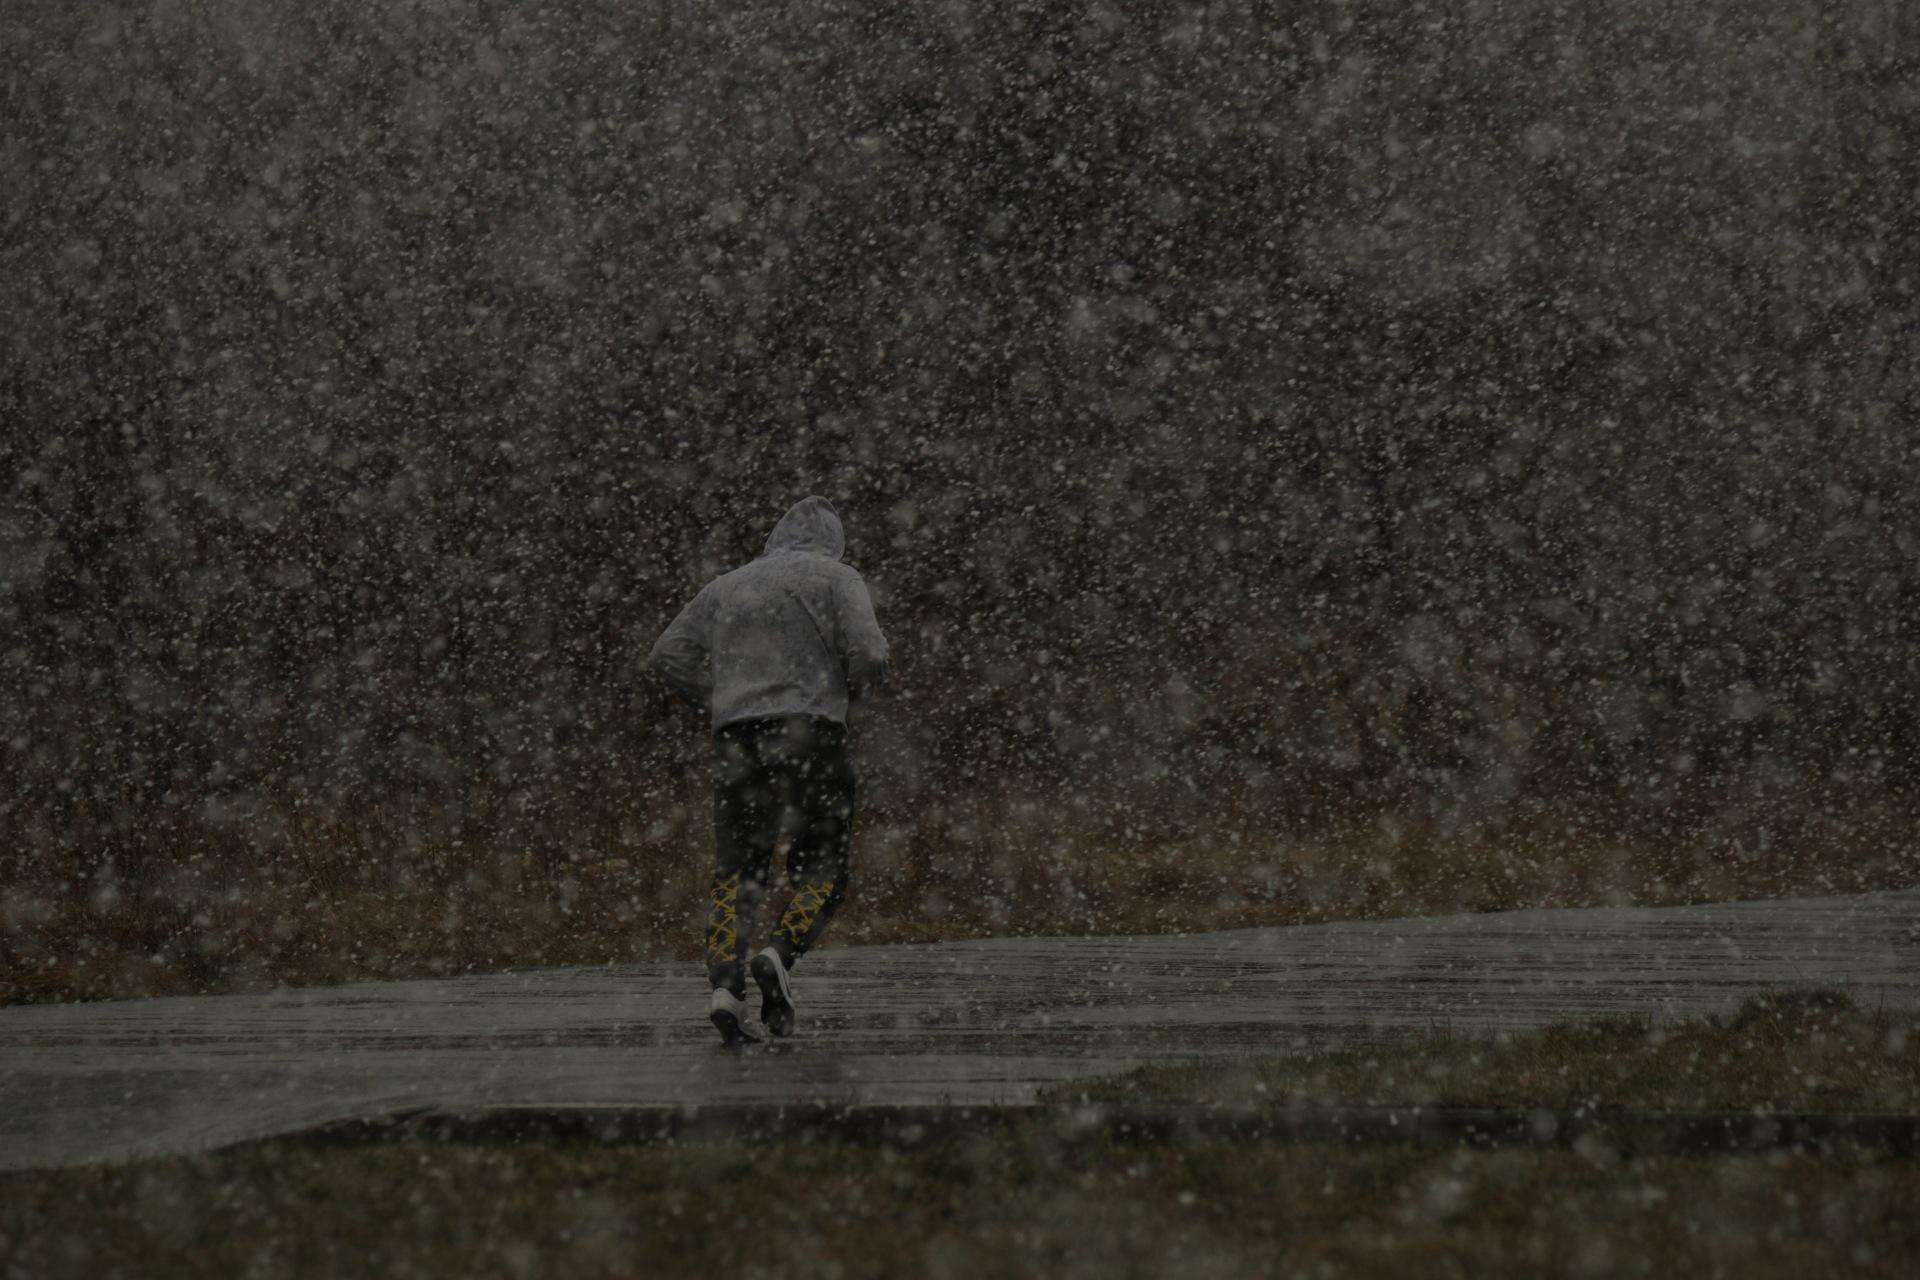 Снегопад в Санкт-Петербурге вечером 3 апреля